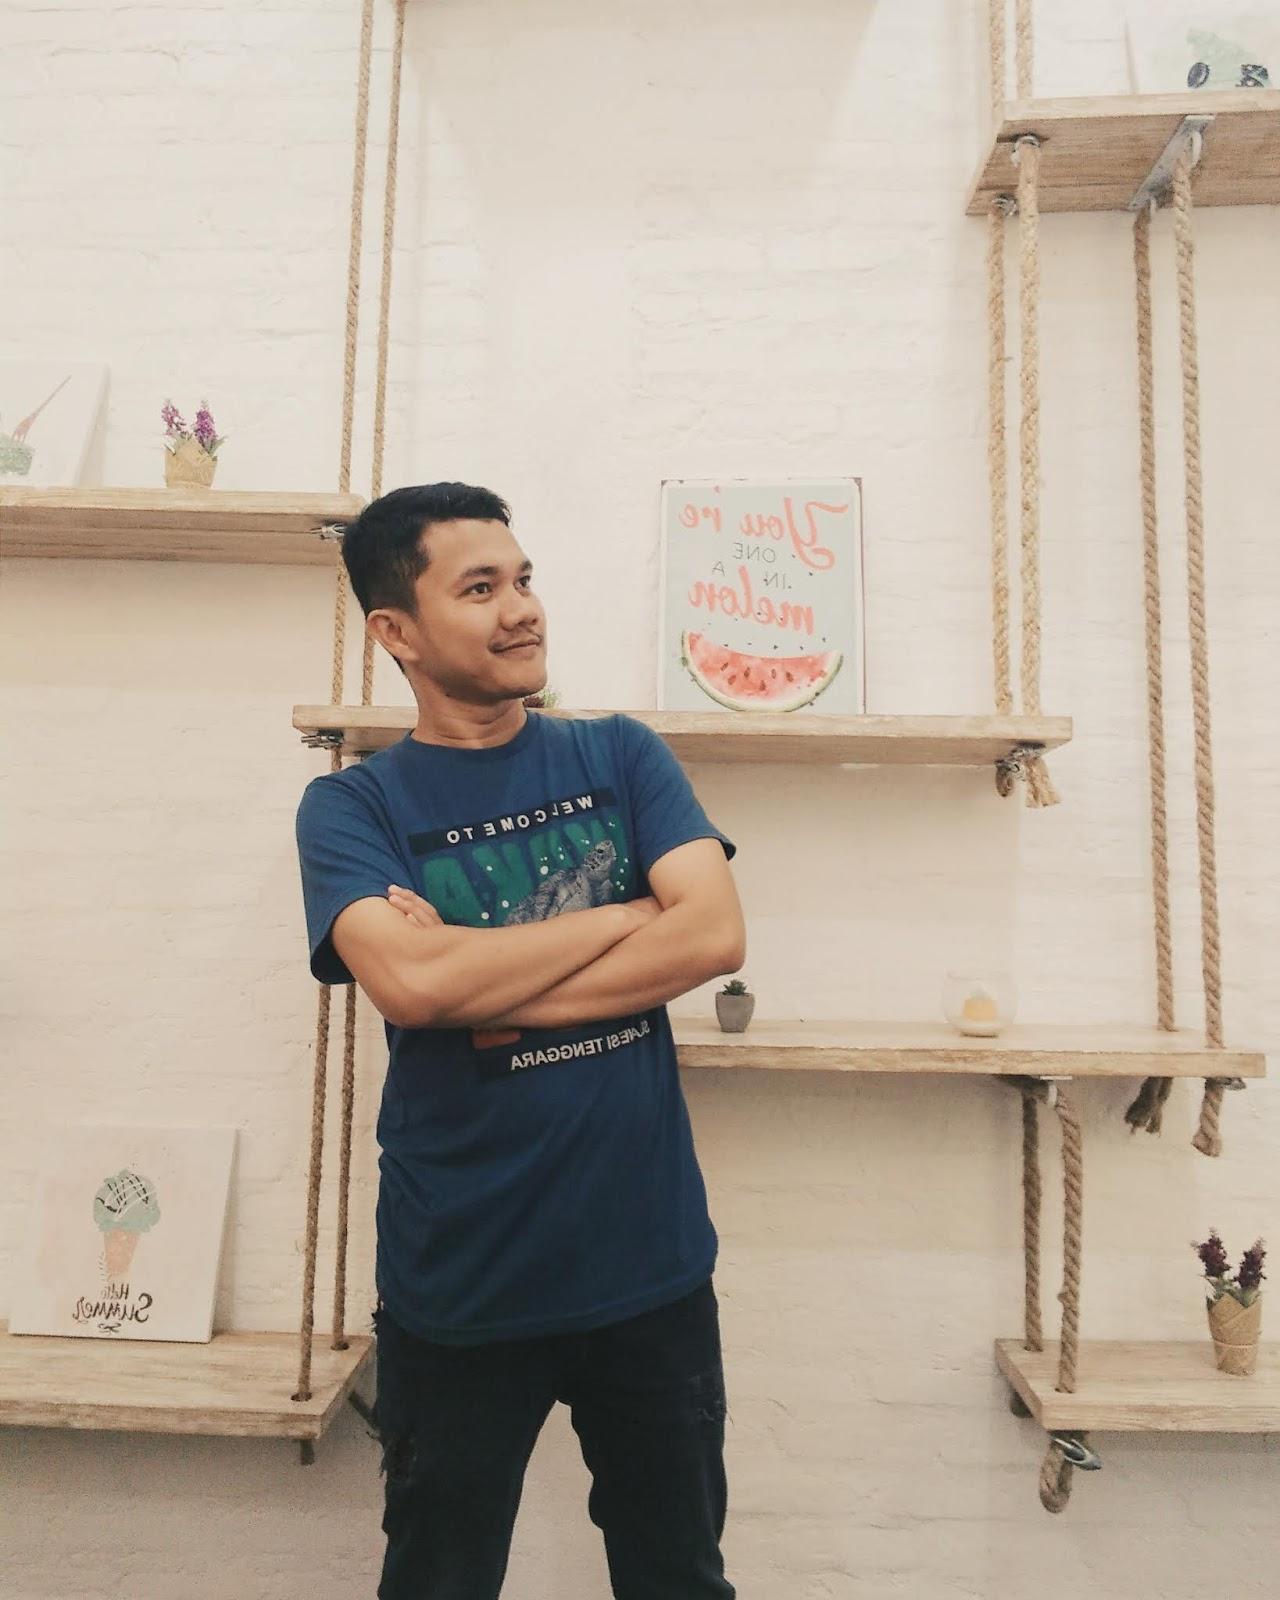 Aul Howler Blogger Padang Butuh Pinjaman Uang Sekarang Cari Di